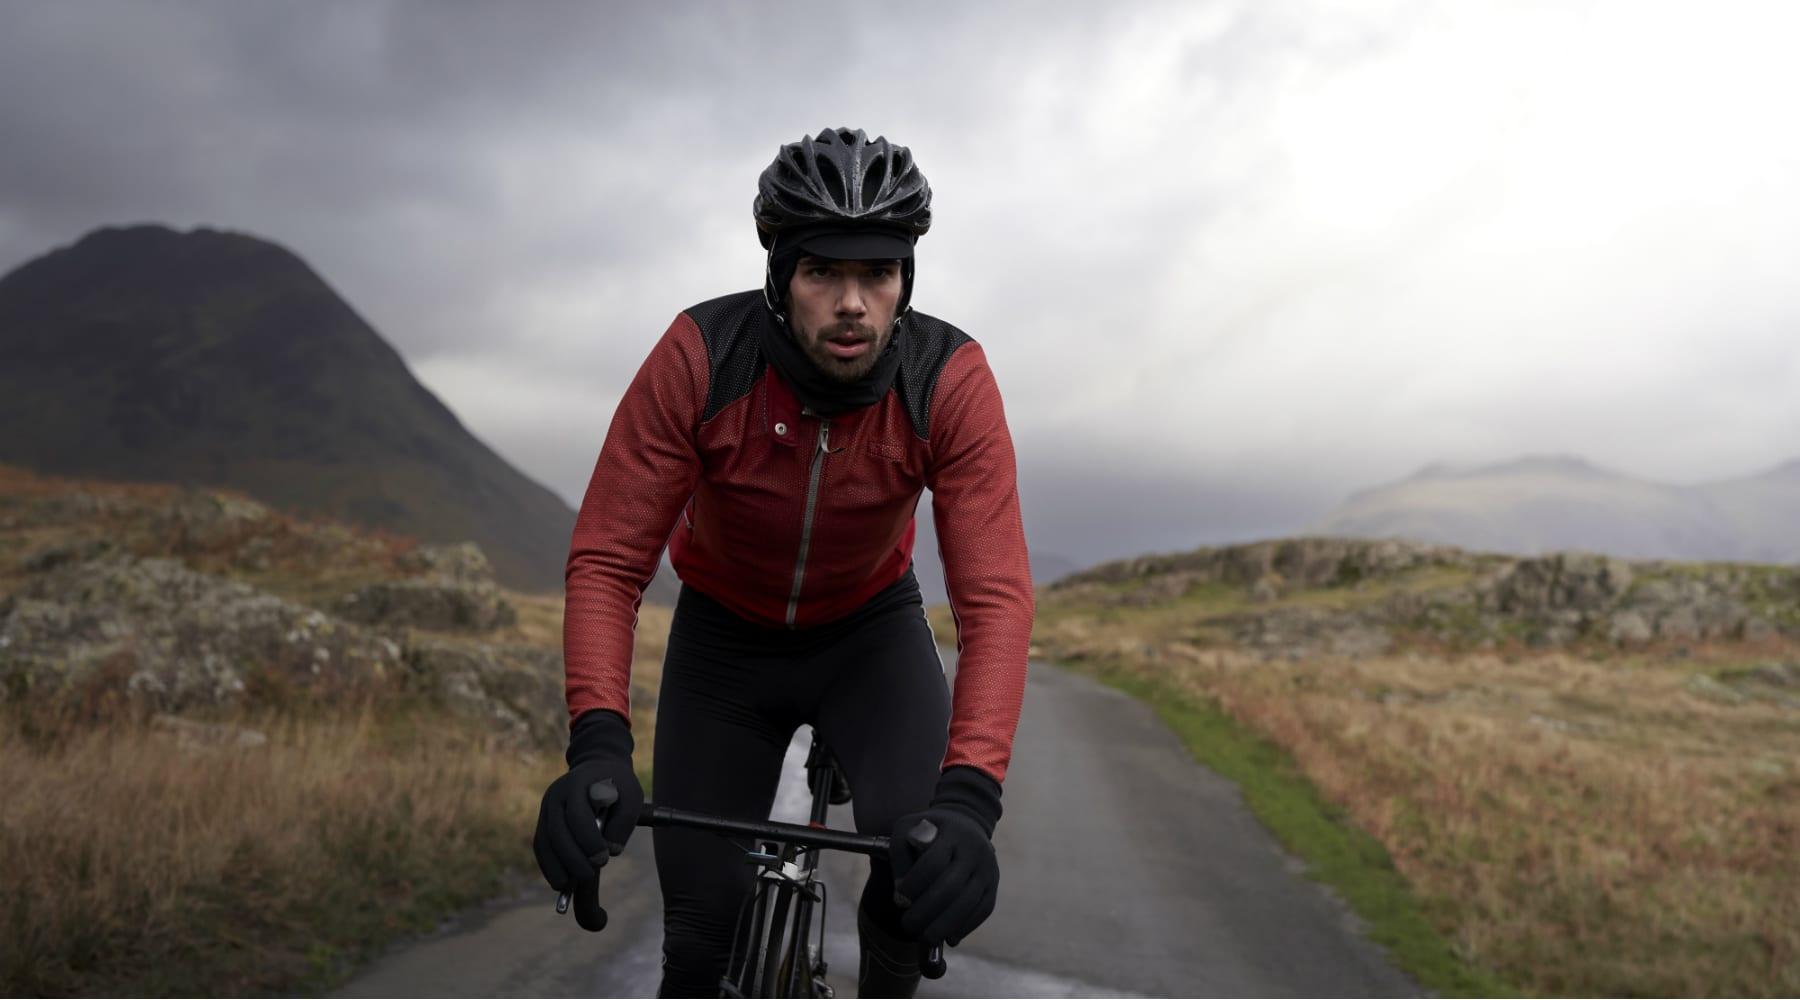 Διατροφή για ποδηλάτες | Τι χρειάζεσαι πριν από μια μεγάλη κούρσα